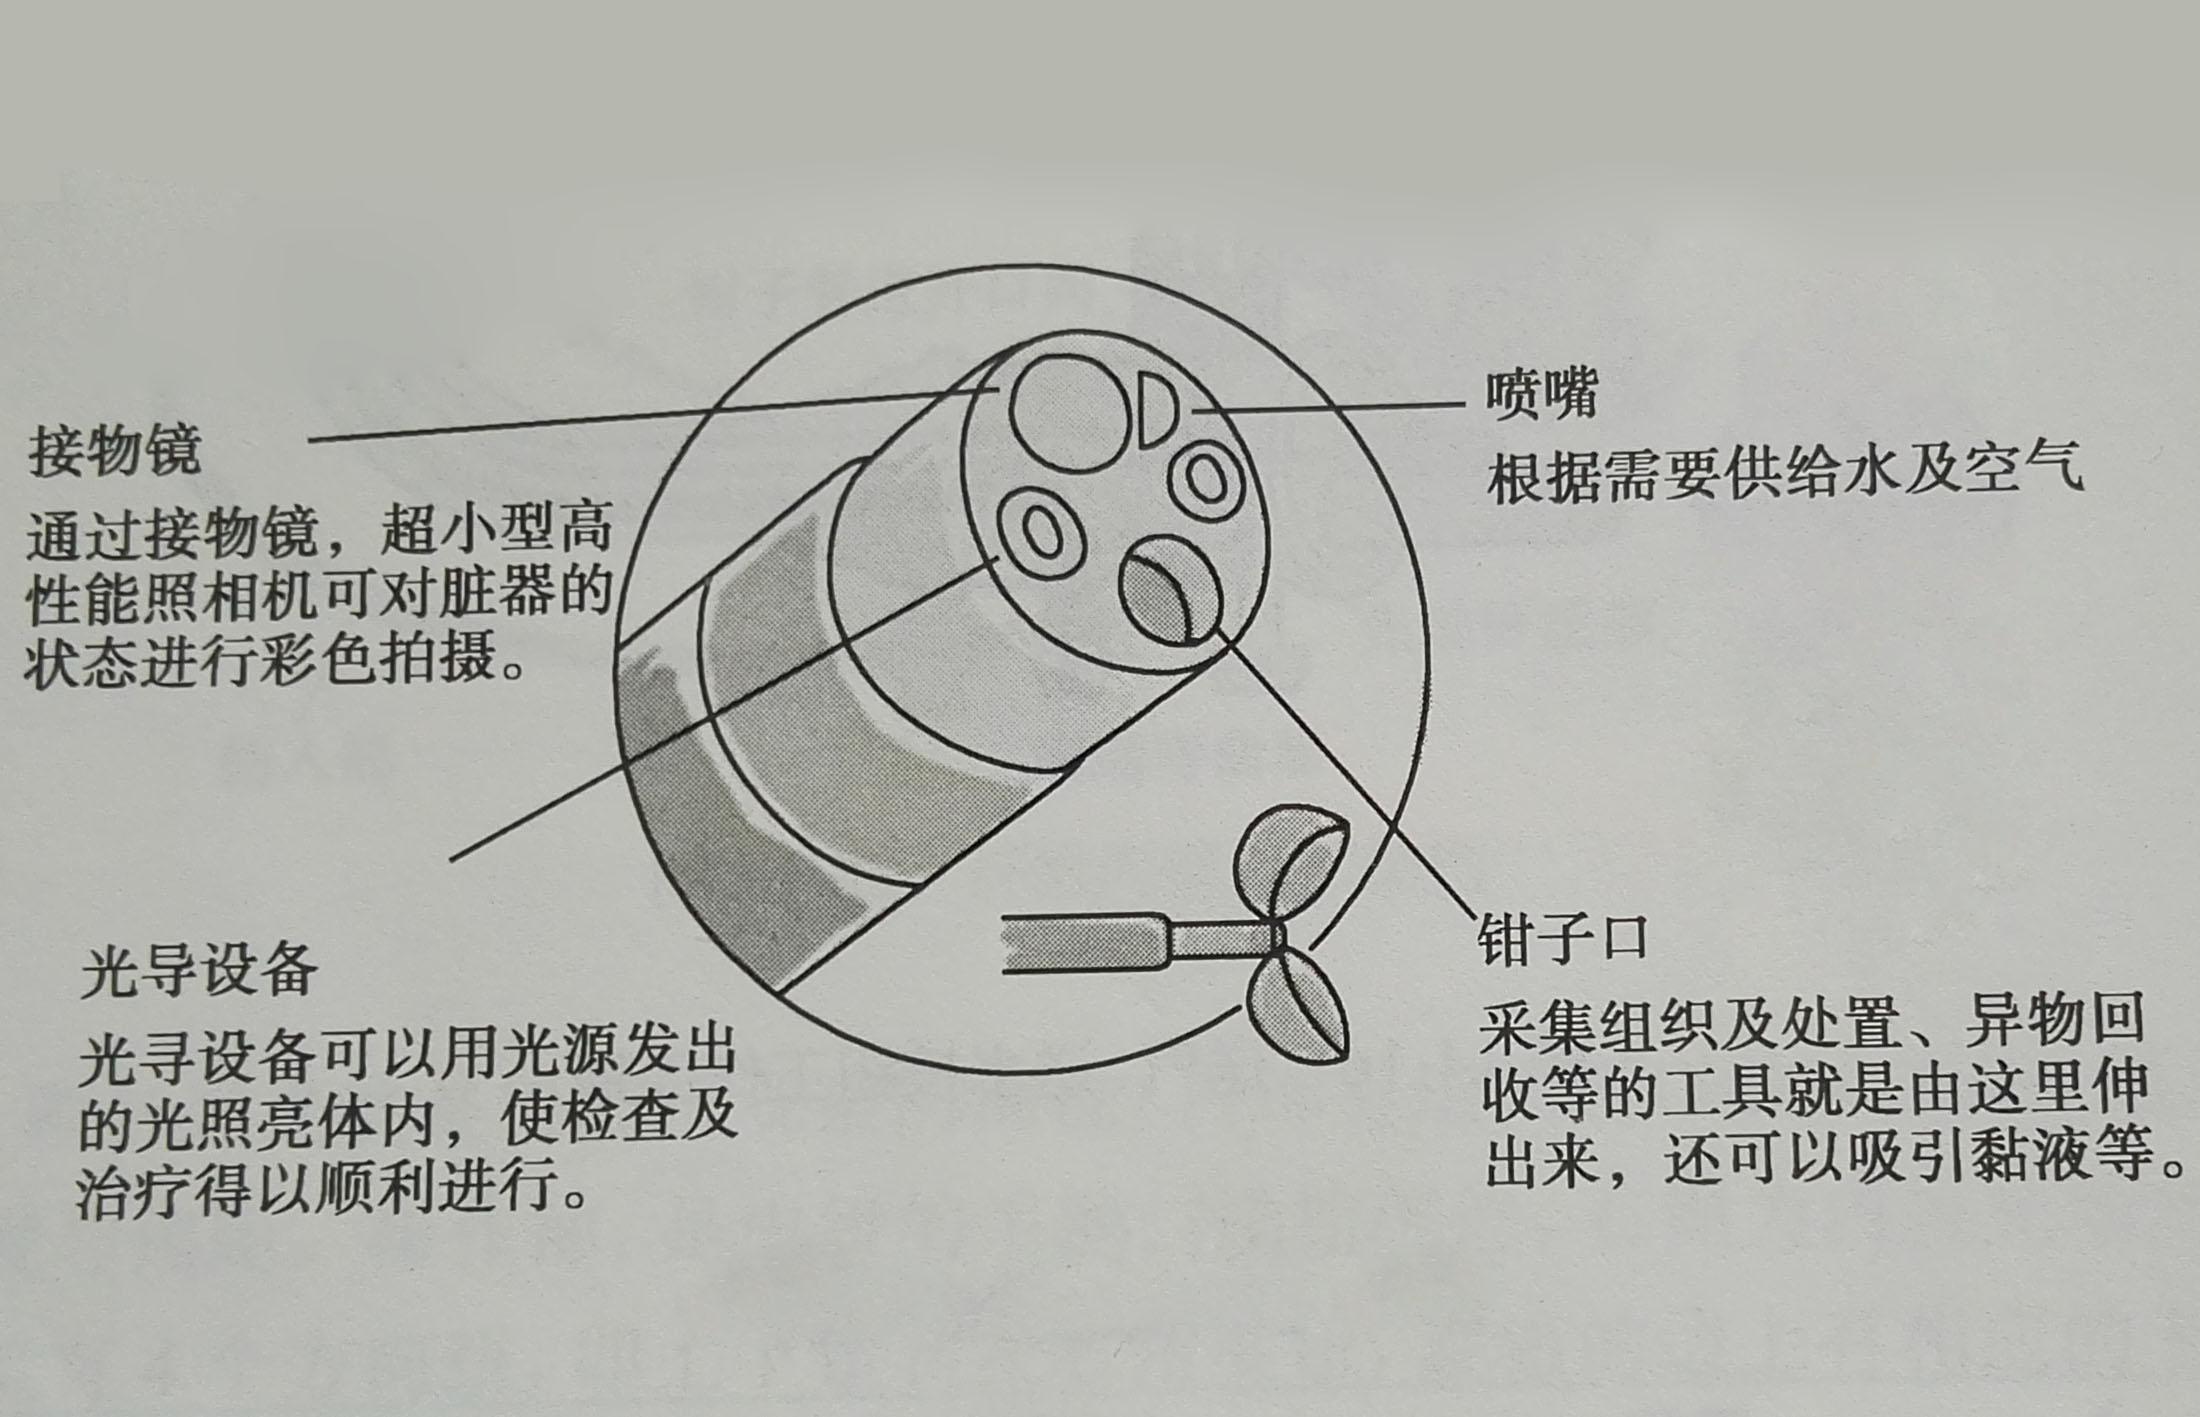 纖維內窺鏡:發展史,結構和原理,纖維內窺鏡的分類,纖維內窺鏡的臨床套用,清洗消毒維_中文百科全書